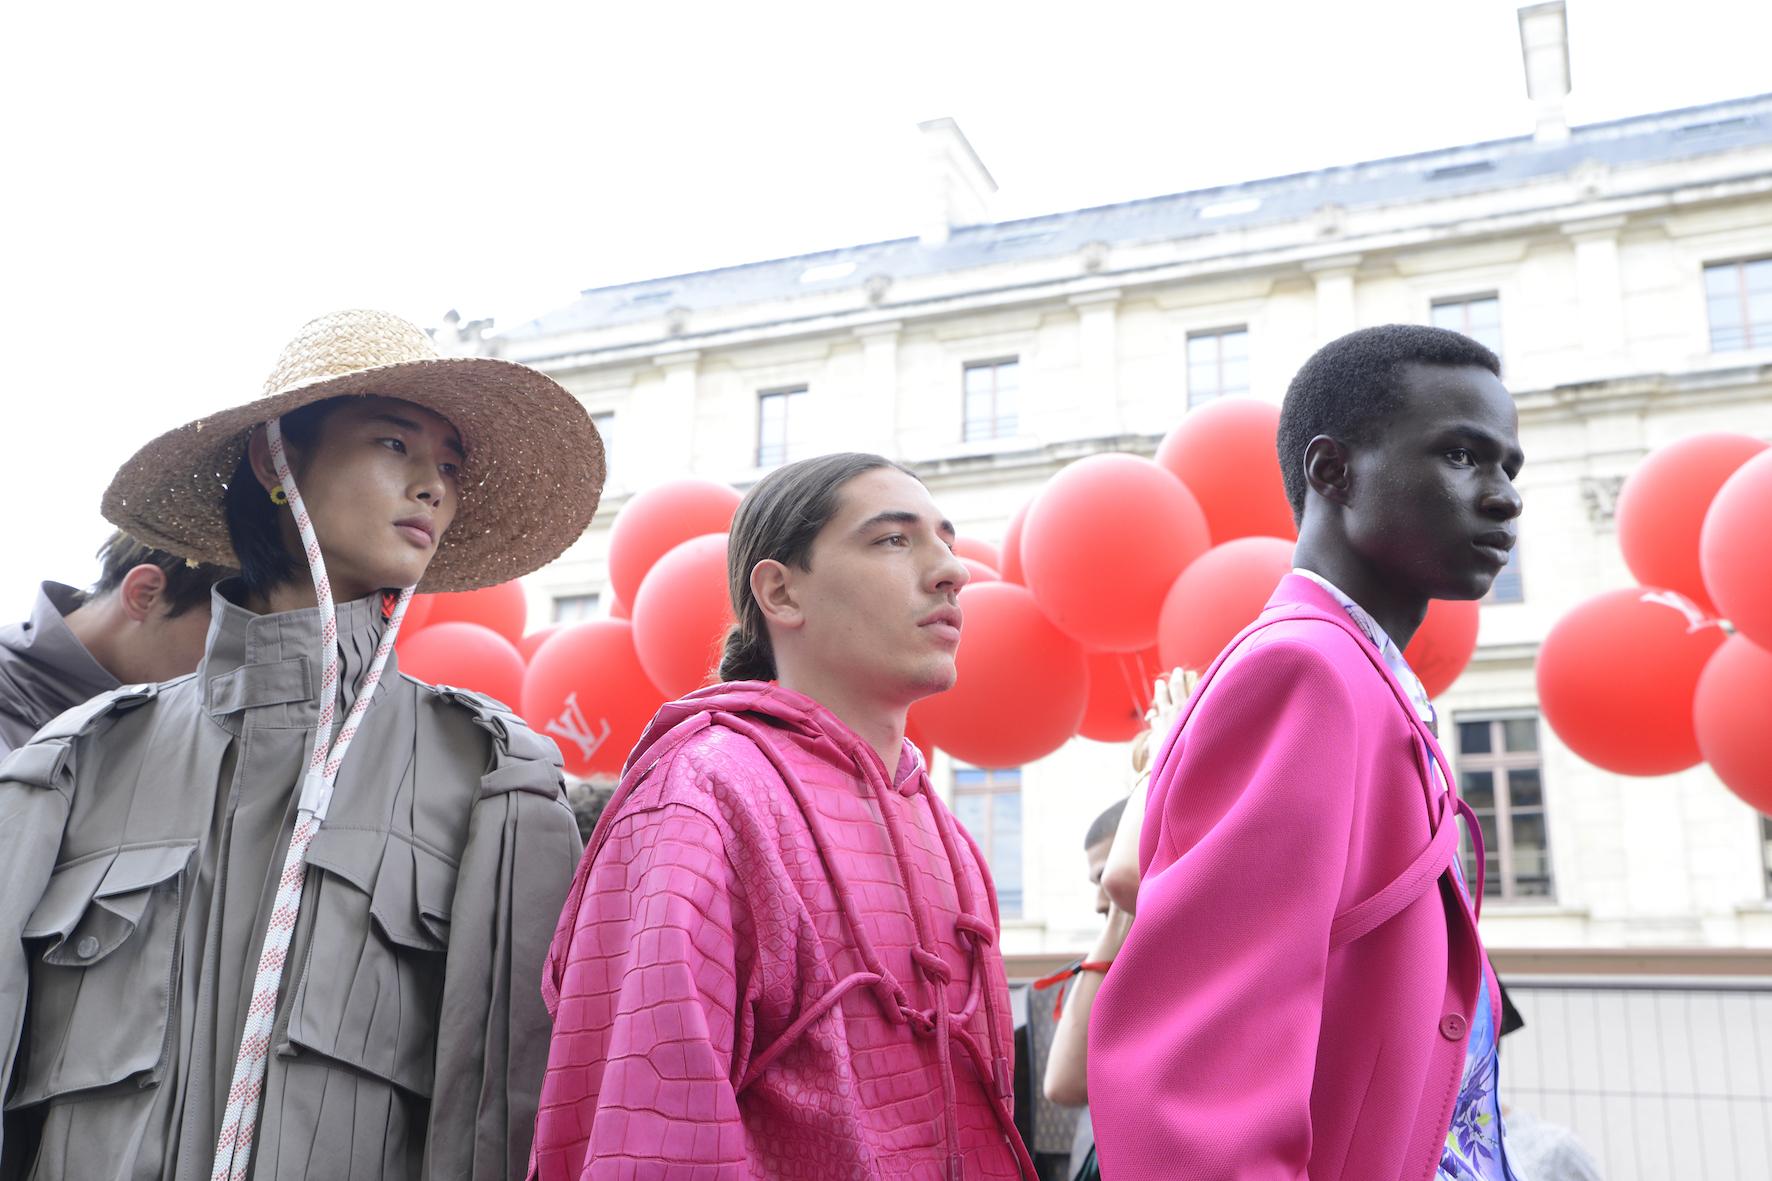 Louis_Vuitton_SS20_Behind_The_Blinds_Magazine_d804620-jpg.jpg